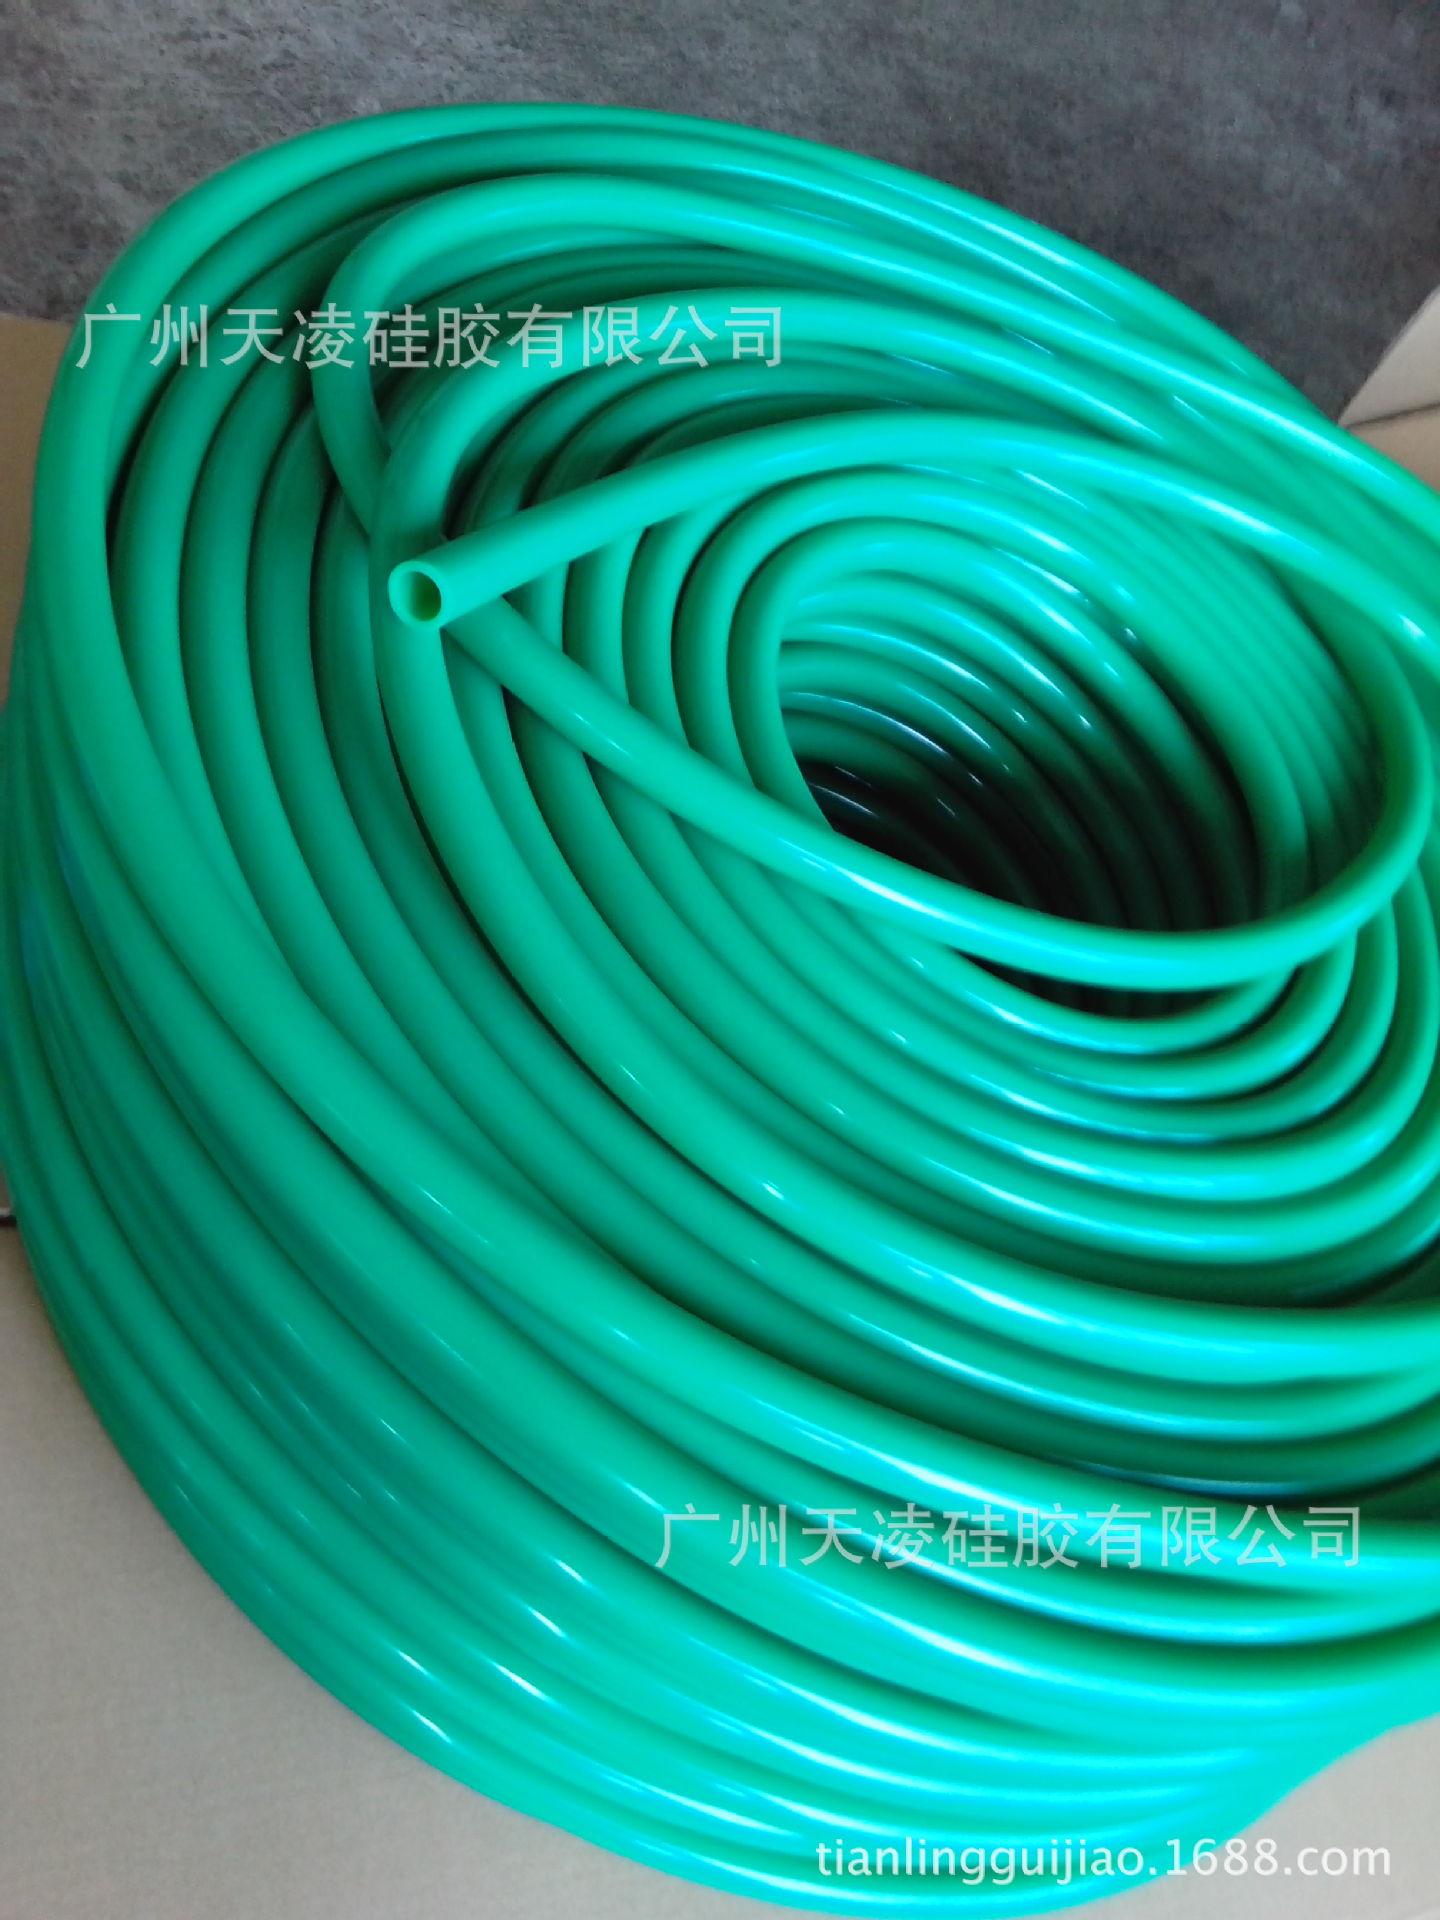 铂金硫化硅胶泵管16#3.2*6.4mm蠕动泵硅胶管 耐磨耐酸碱抗